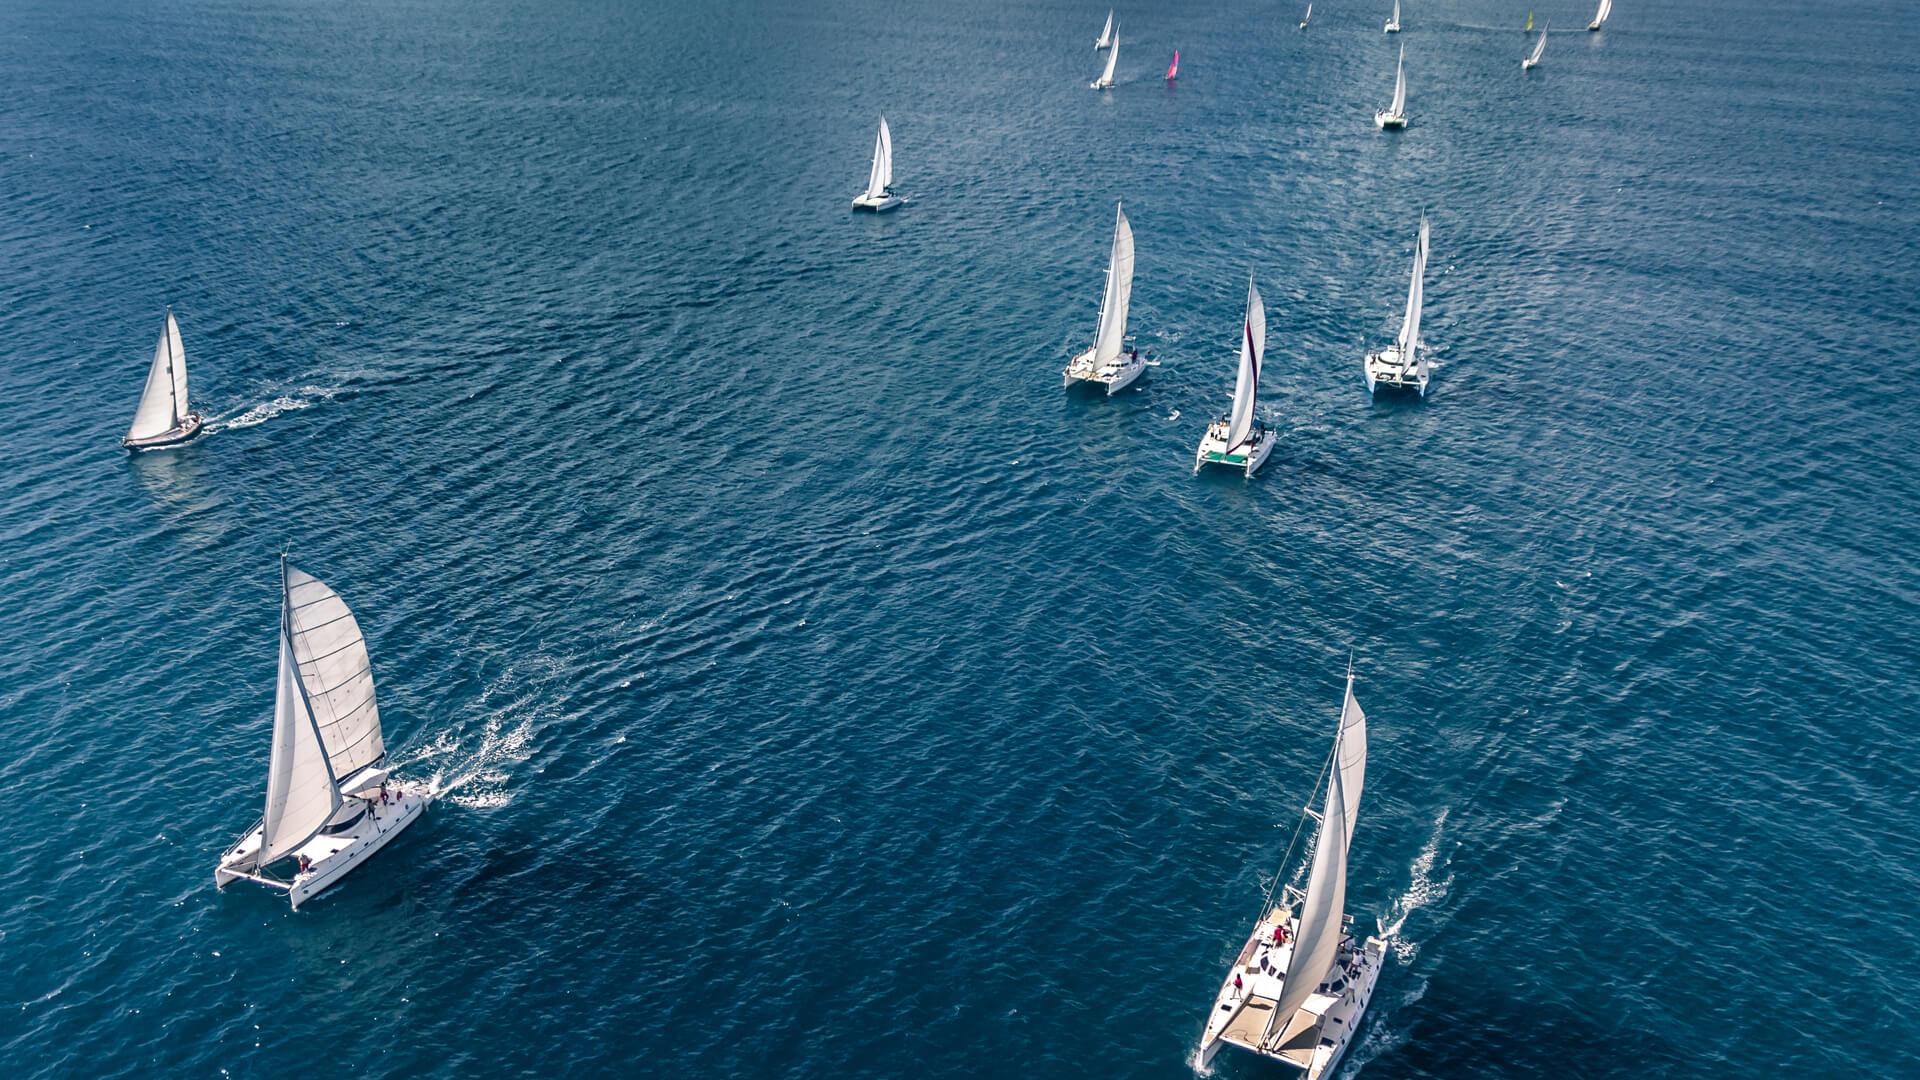 knysna 480 around other catamarans